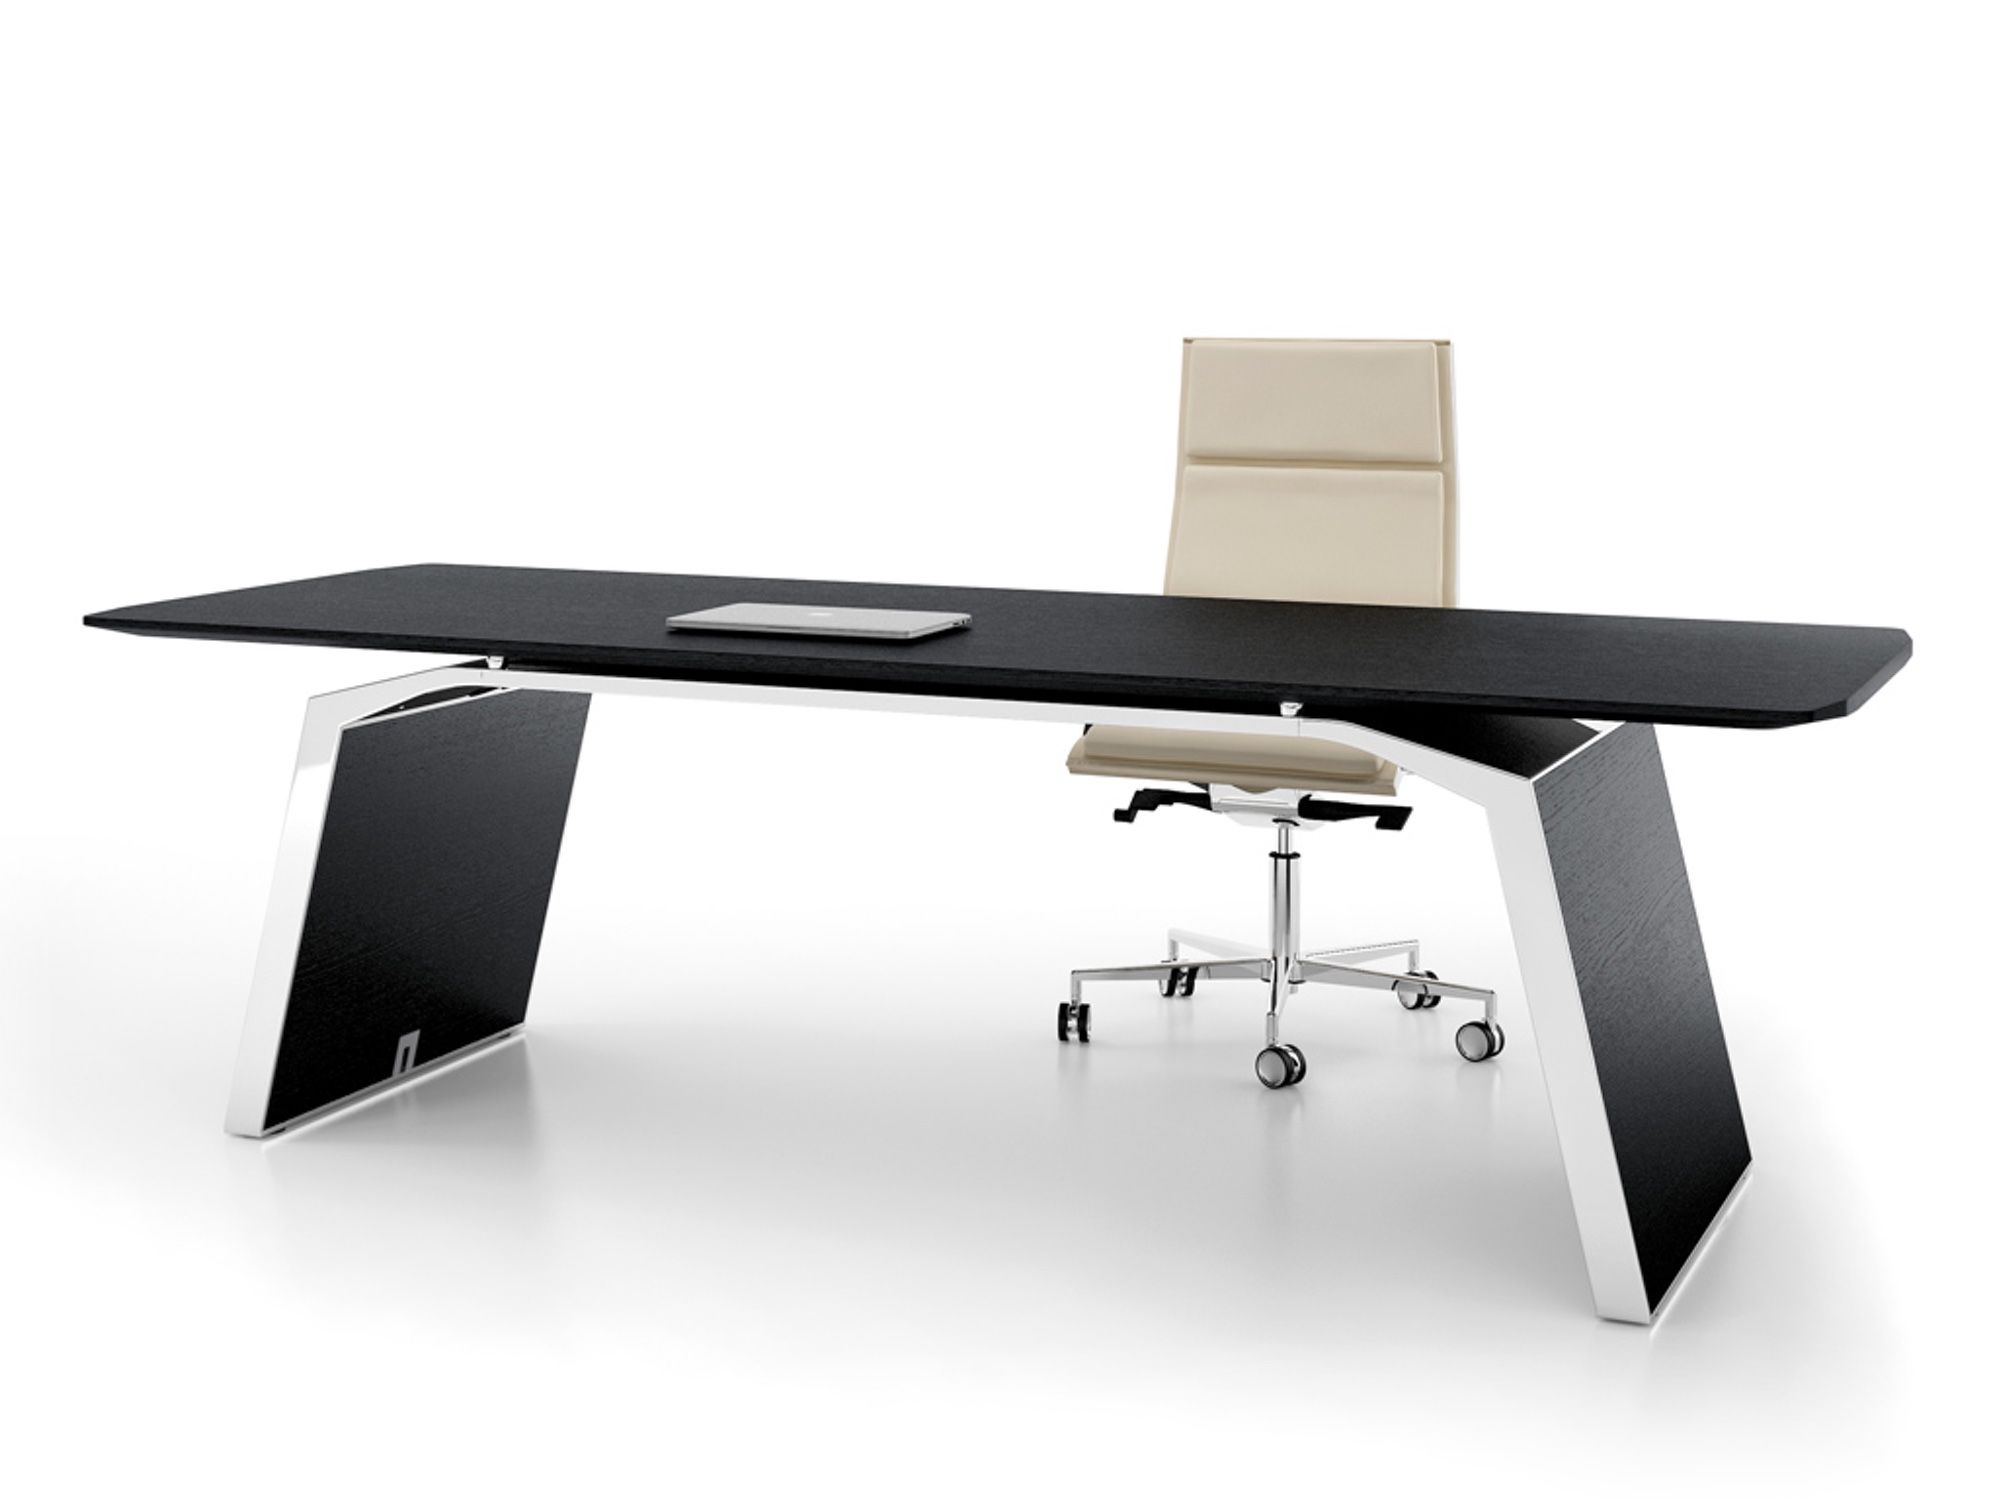 Bralco Metar Executive Schreibtisch 240x100 Cm In Echtholz Furniert Arredamento